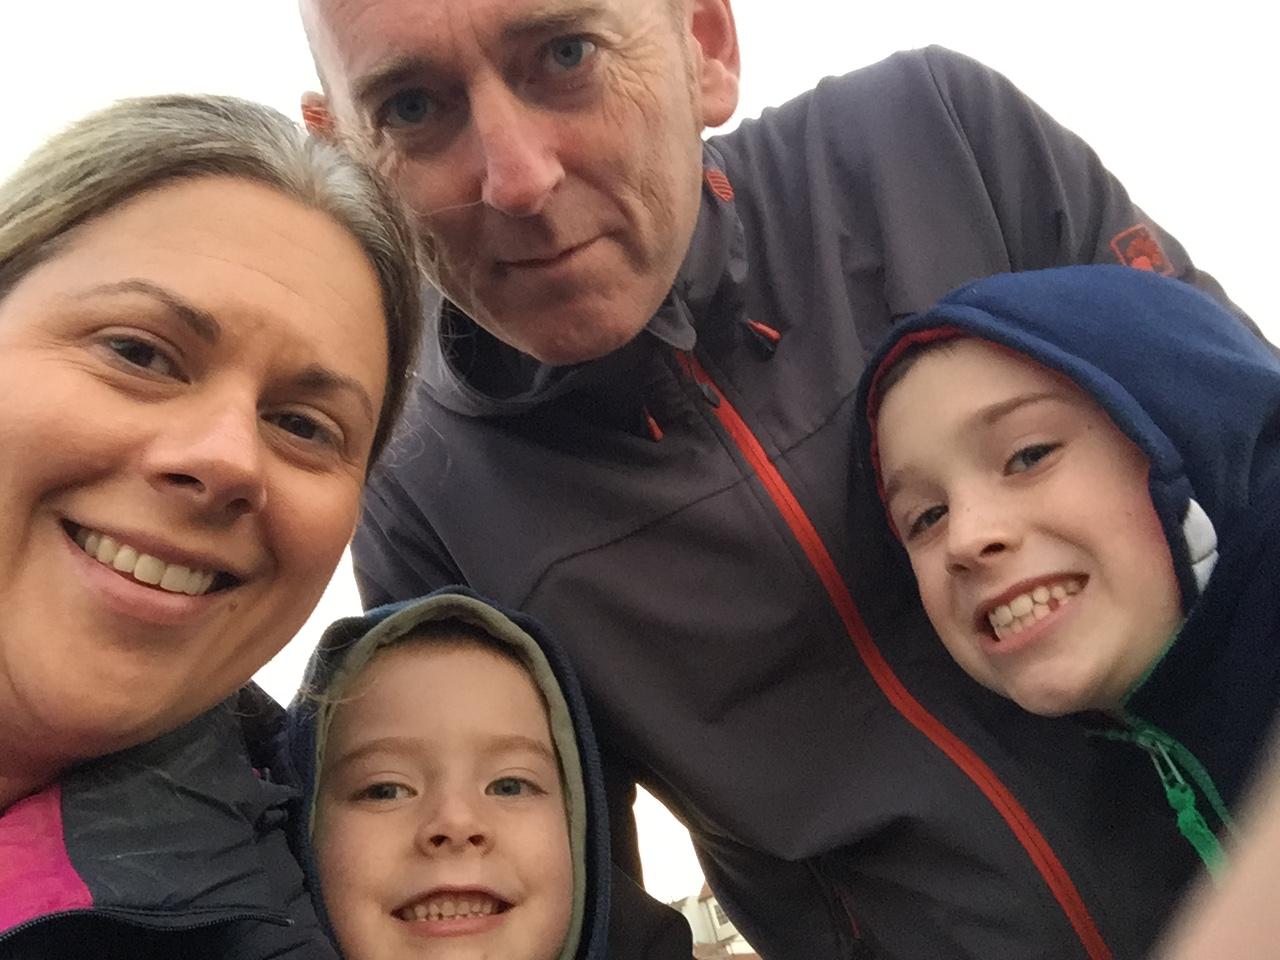 The Gallacher family (L-R Alison, Conor, Kevin, Daniel)